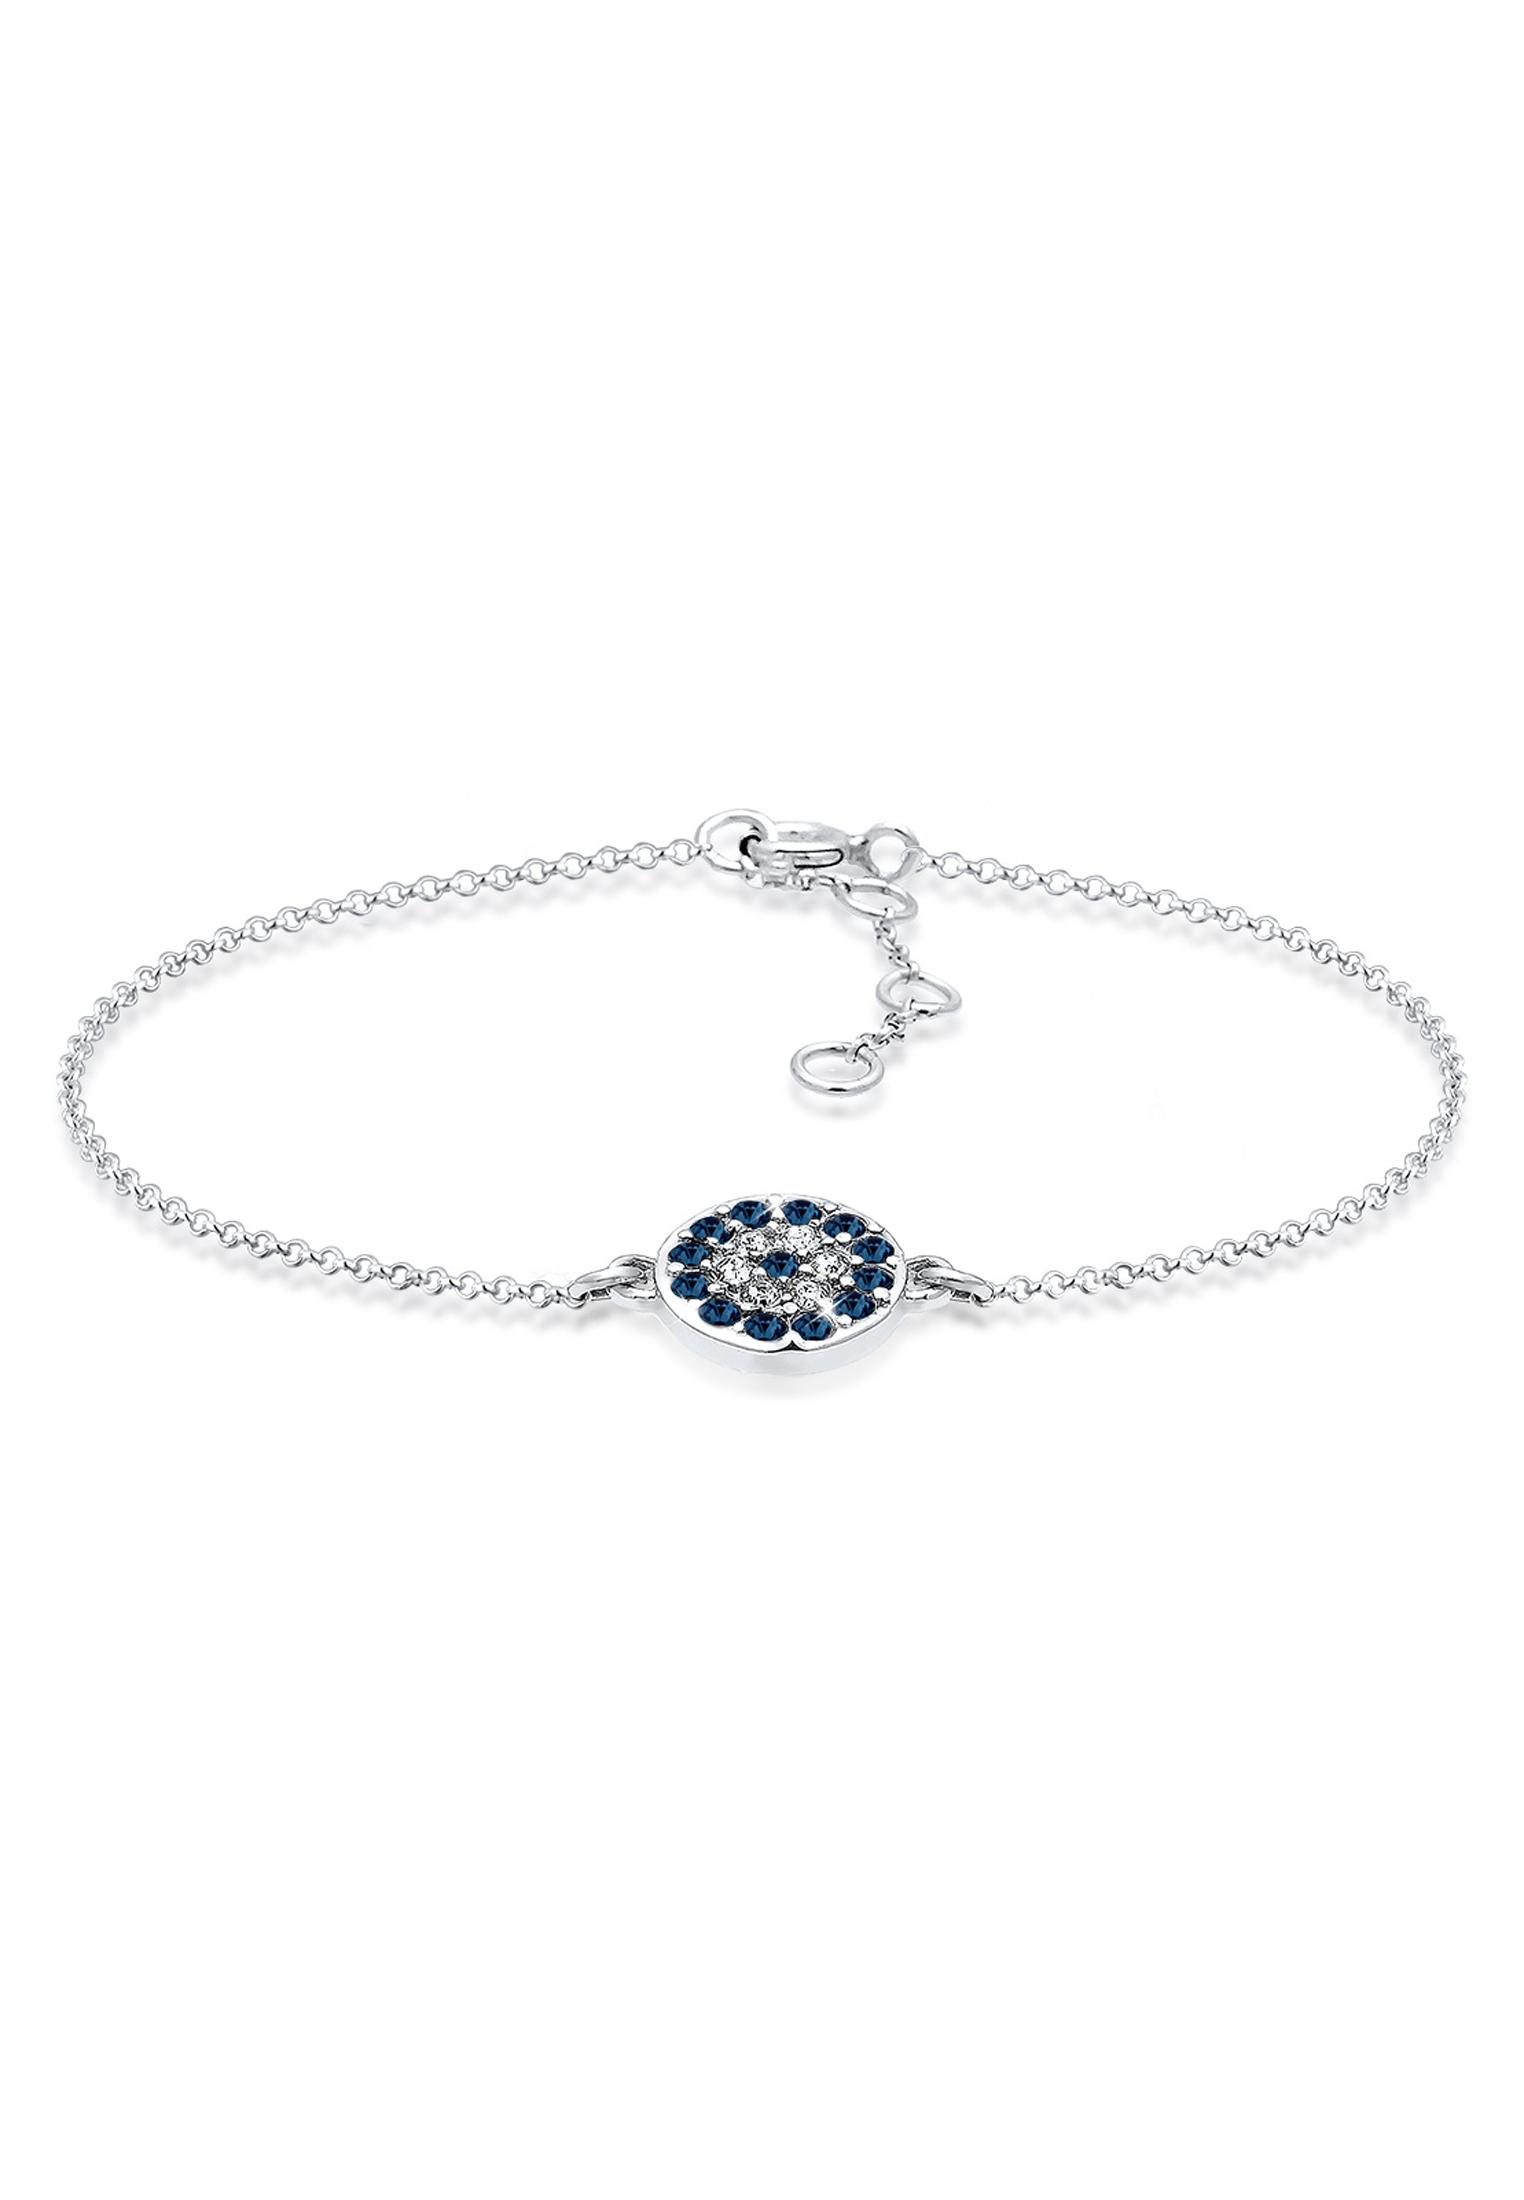 Armband Evil Eye   Kristall ( Blau )   925er Sterling Silber